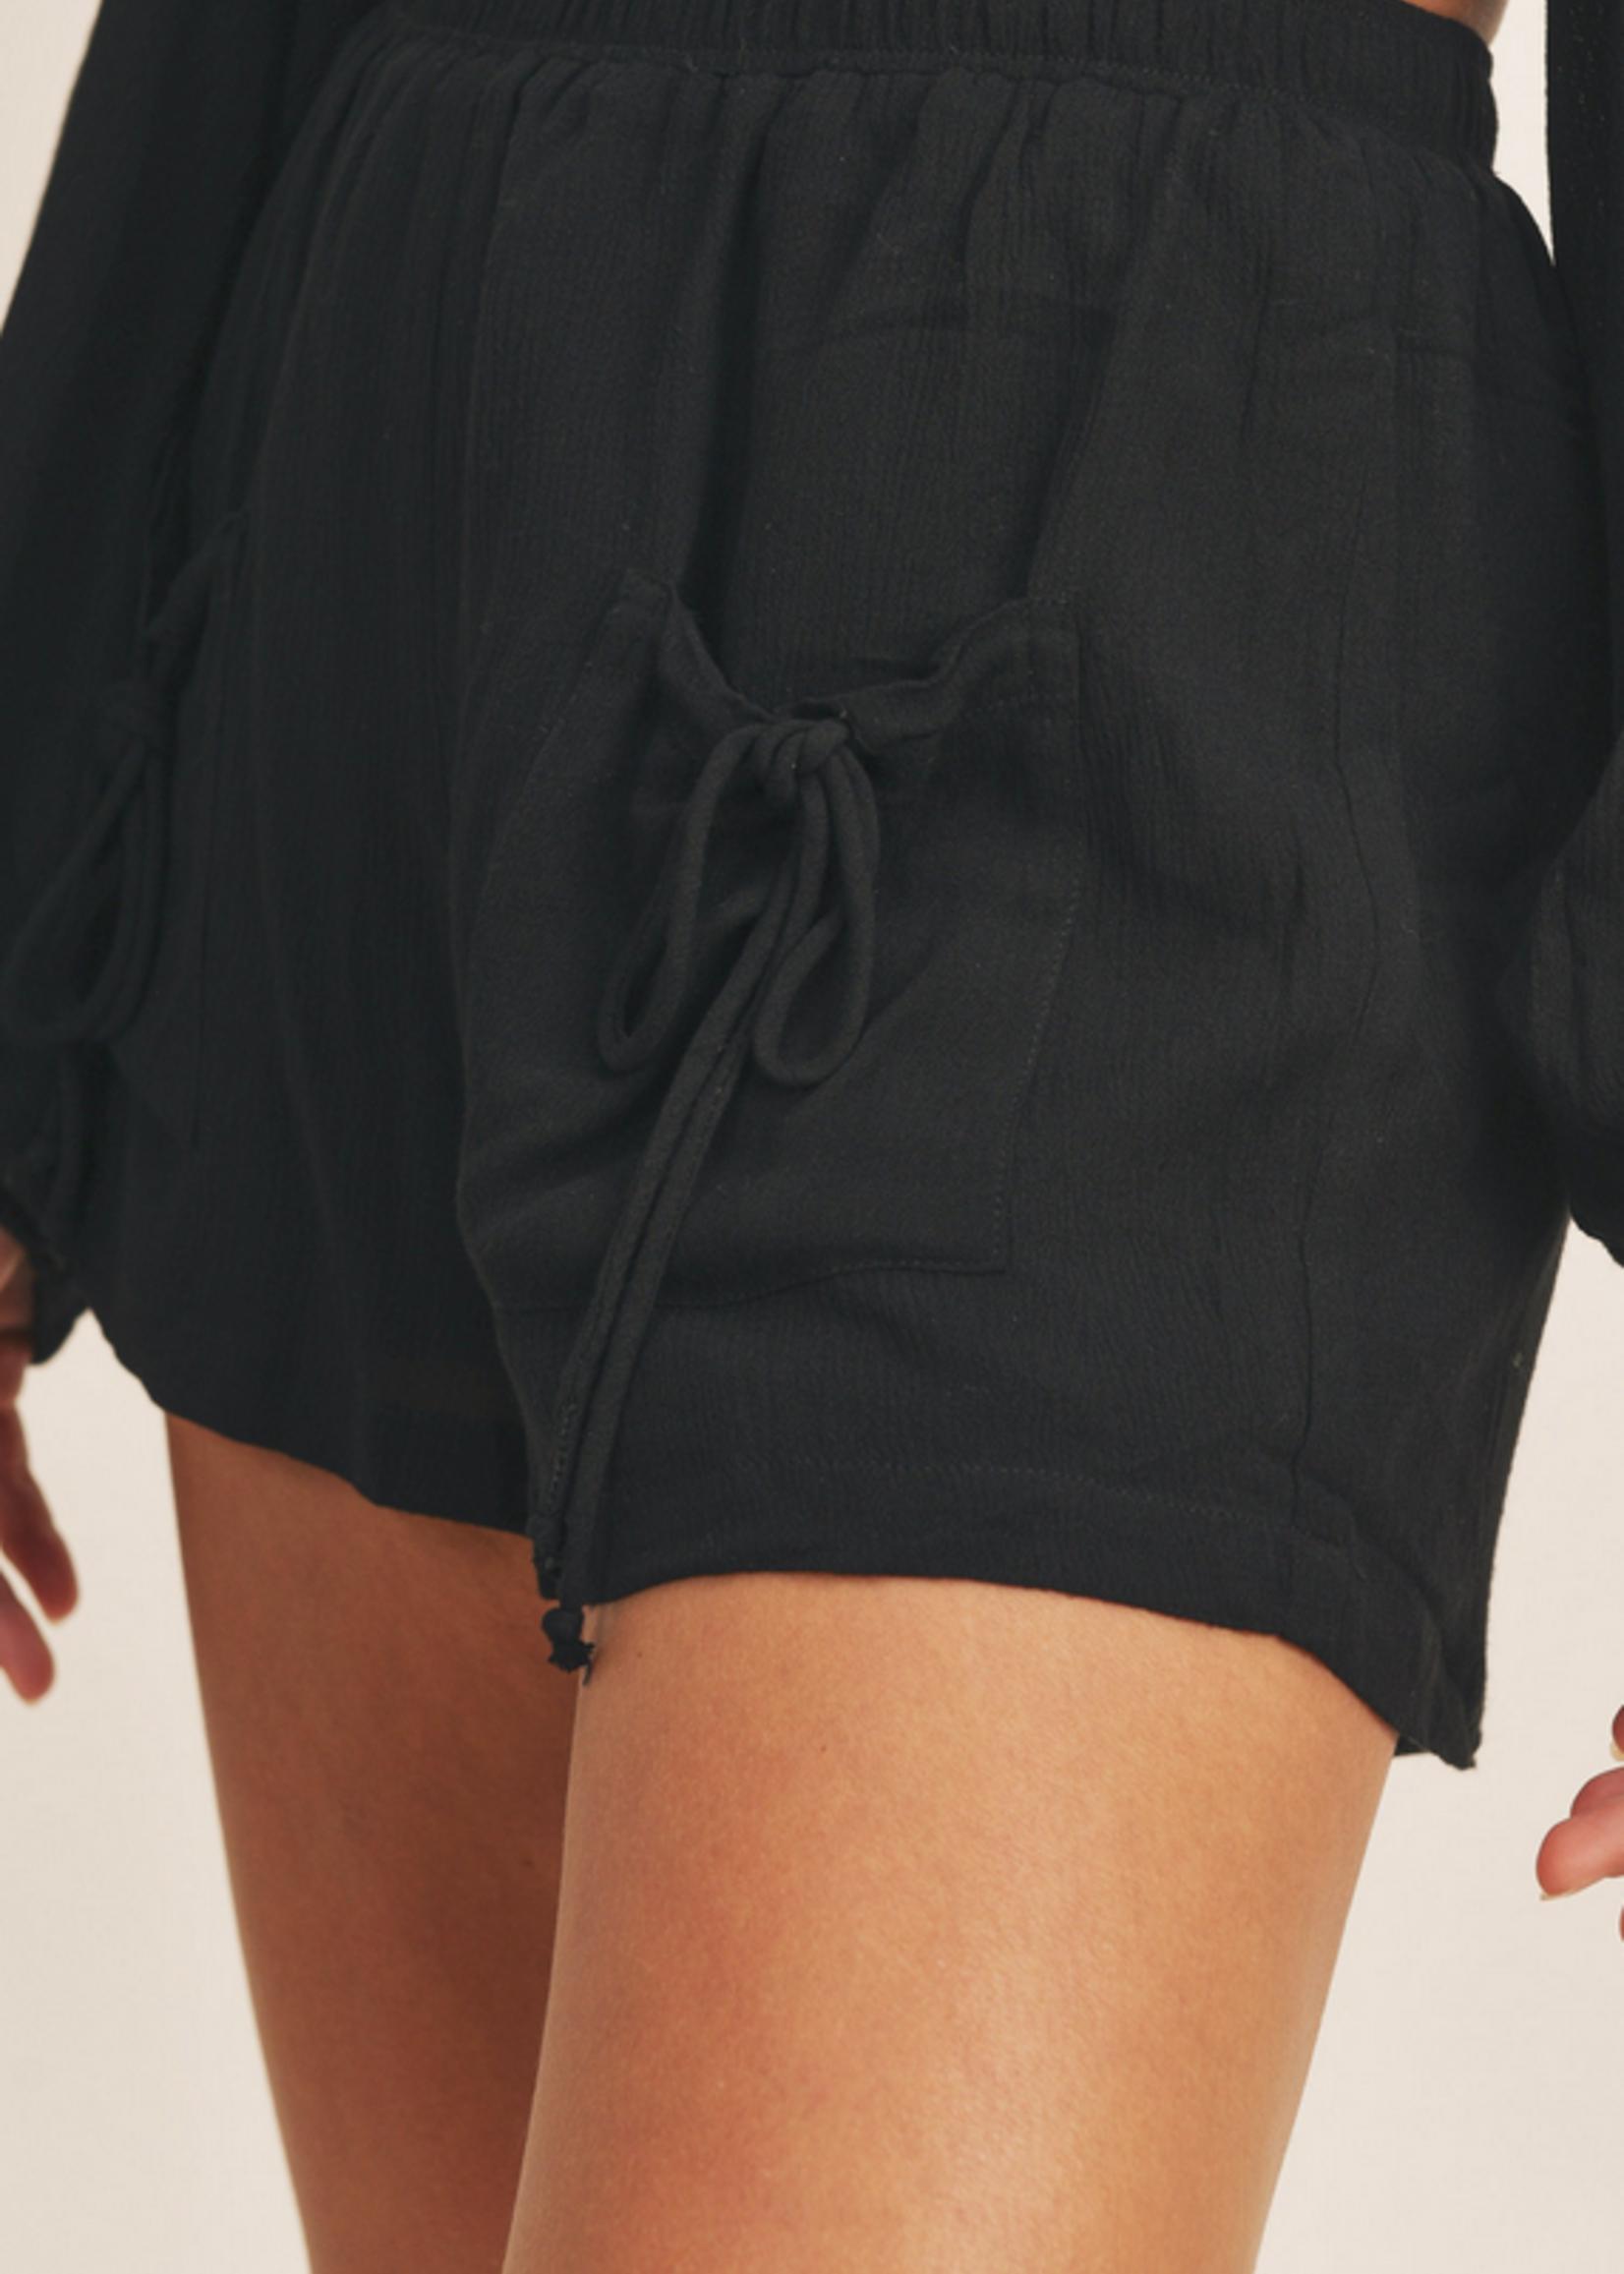 mable maddox shorts